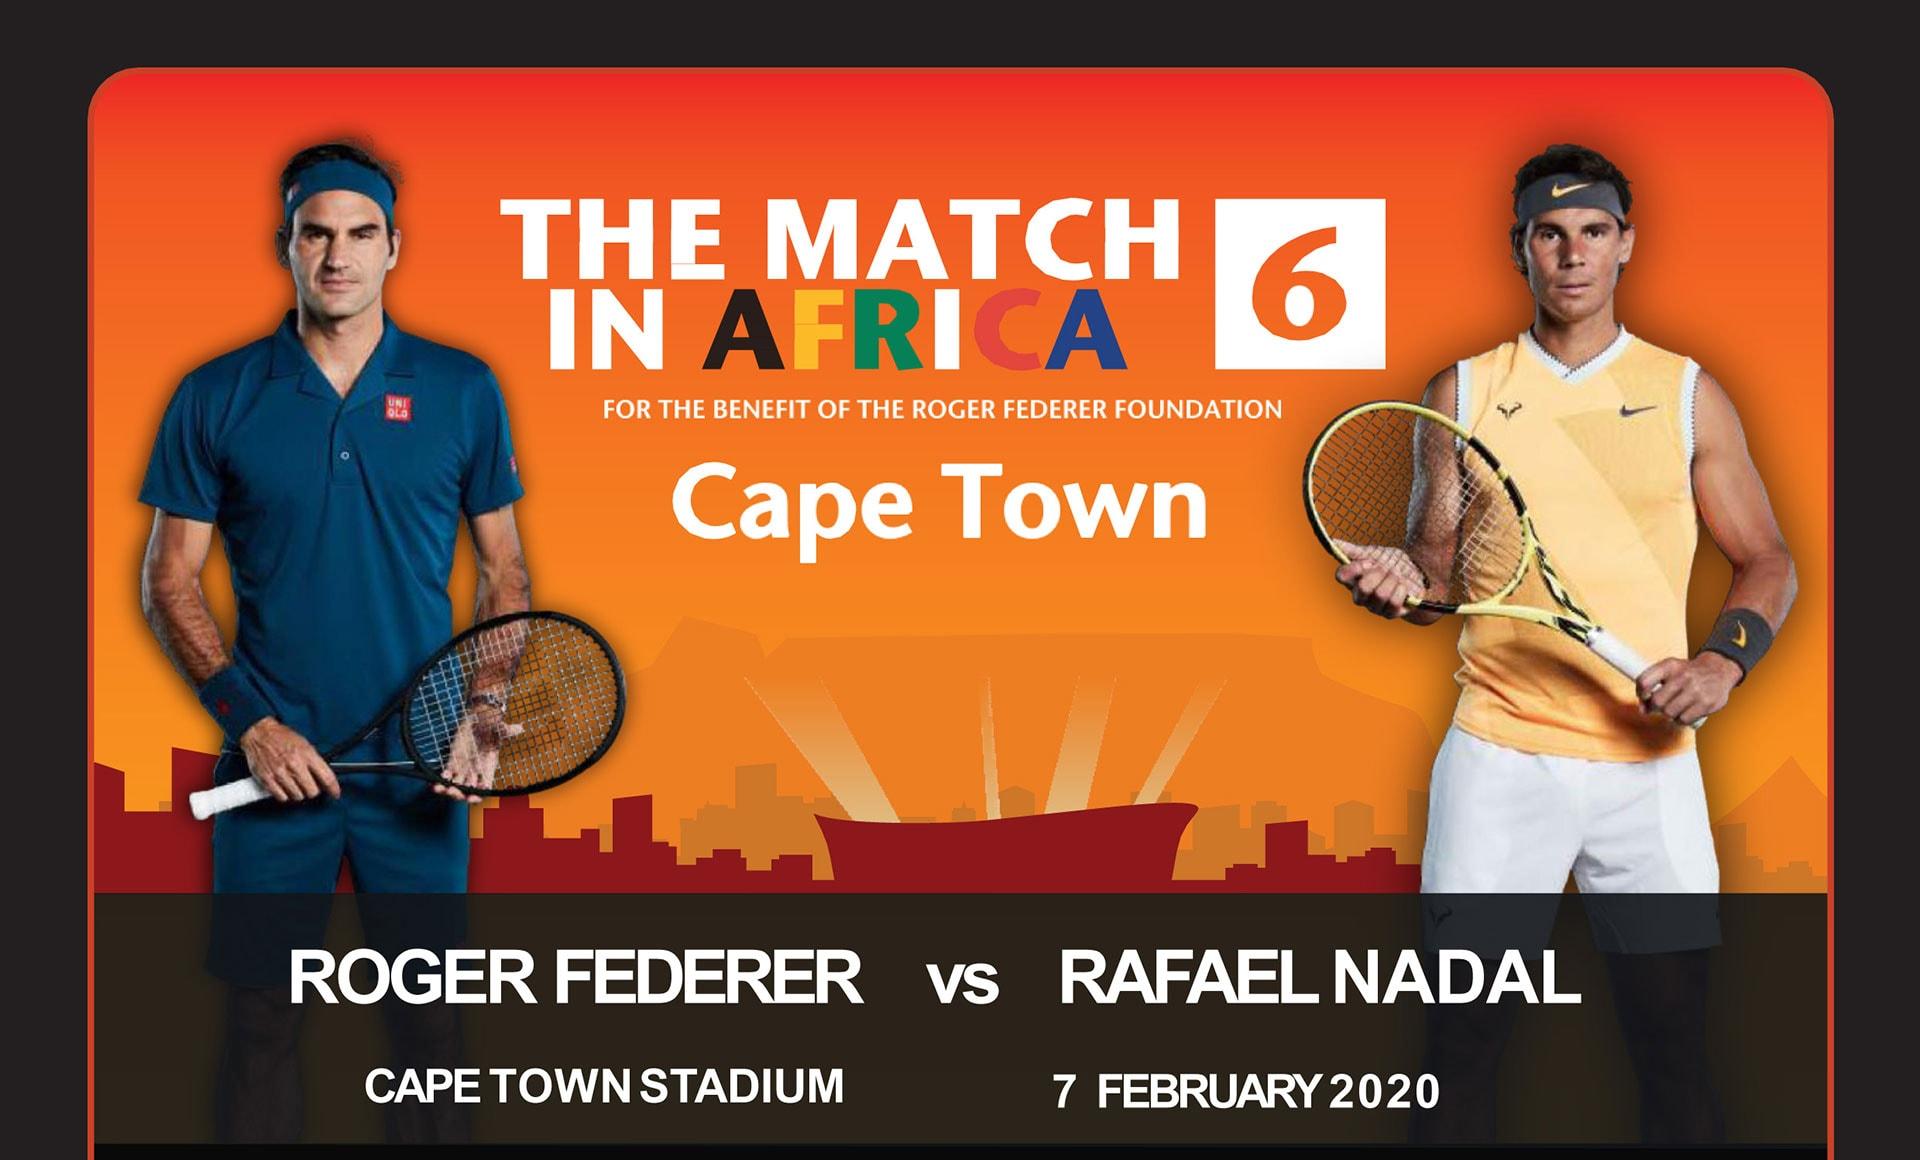 Roger Federer Vs Rafael Nadal Hospitality 2020 Regal Hospitality